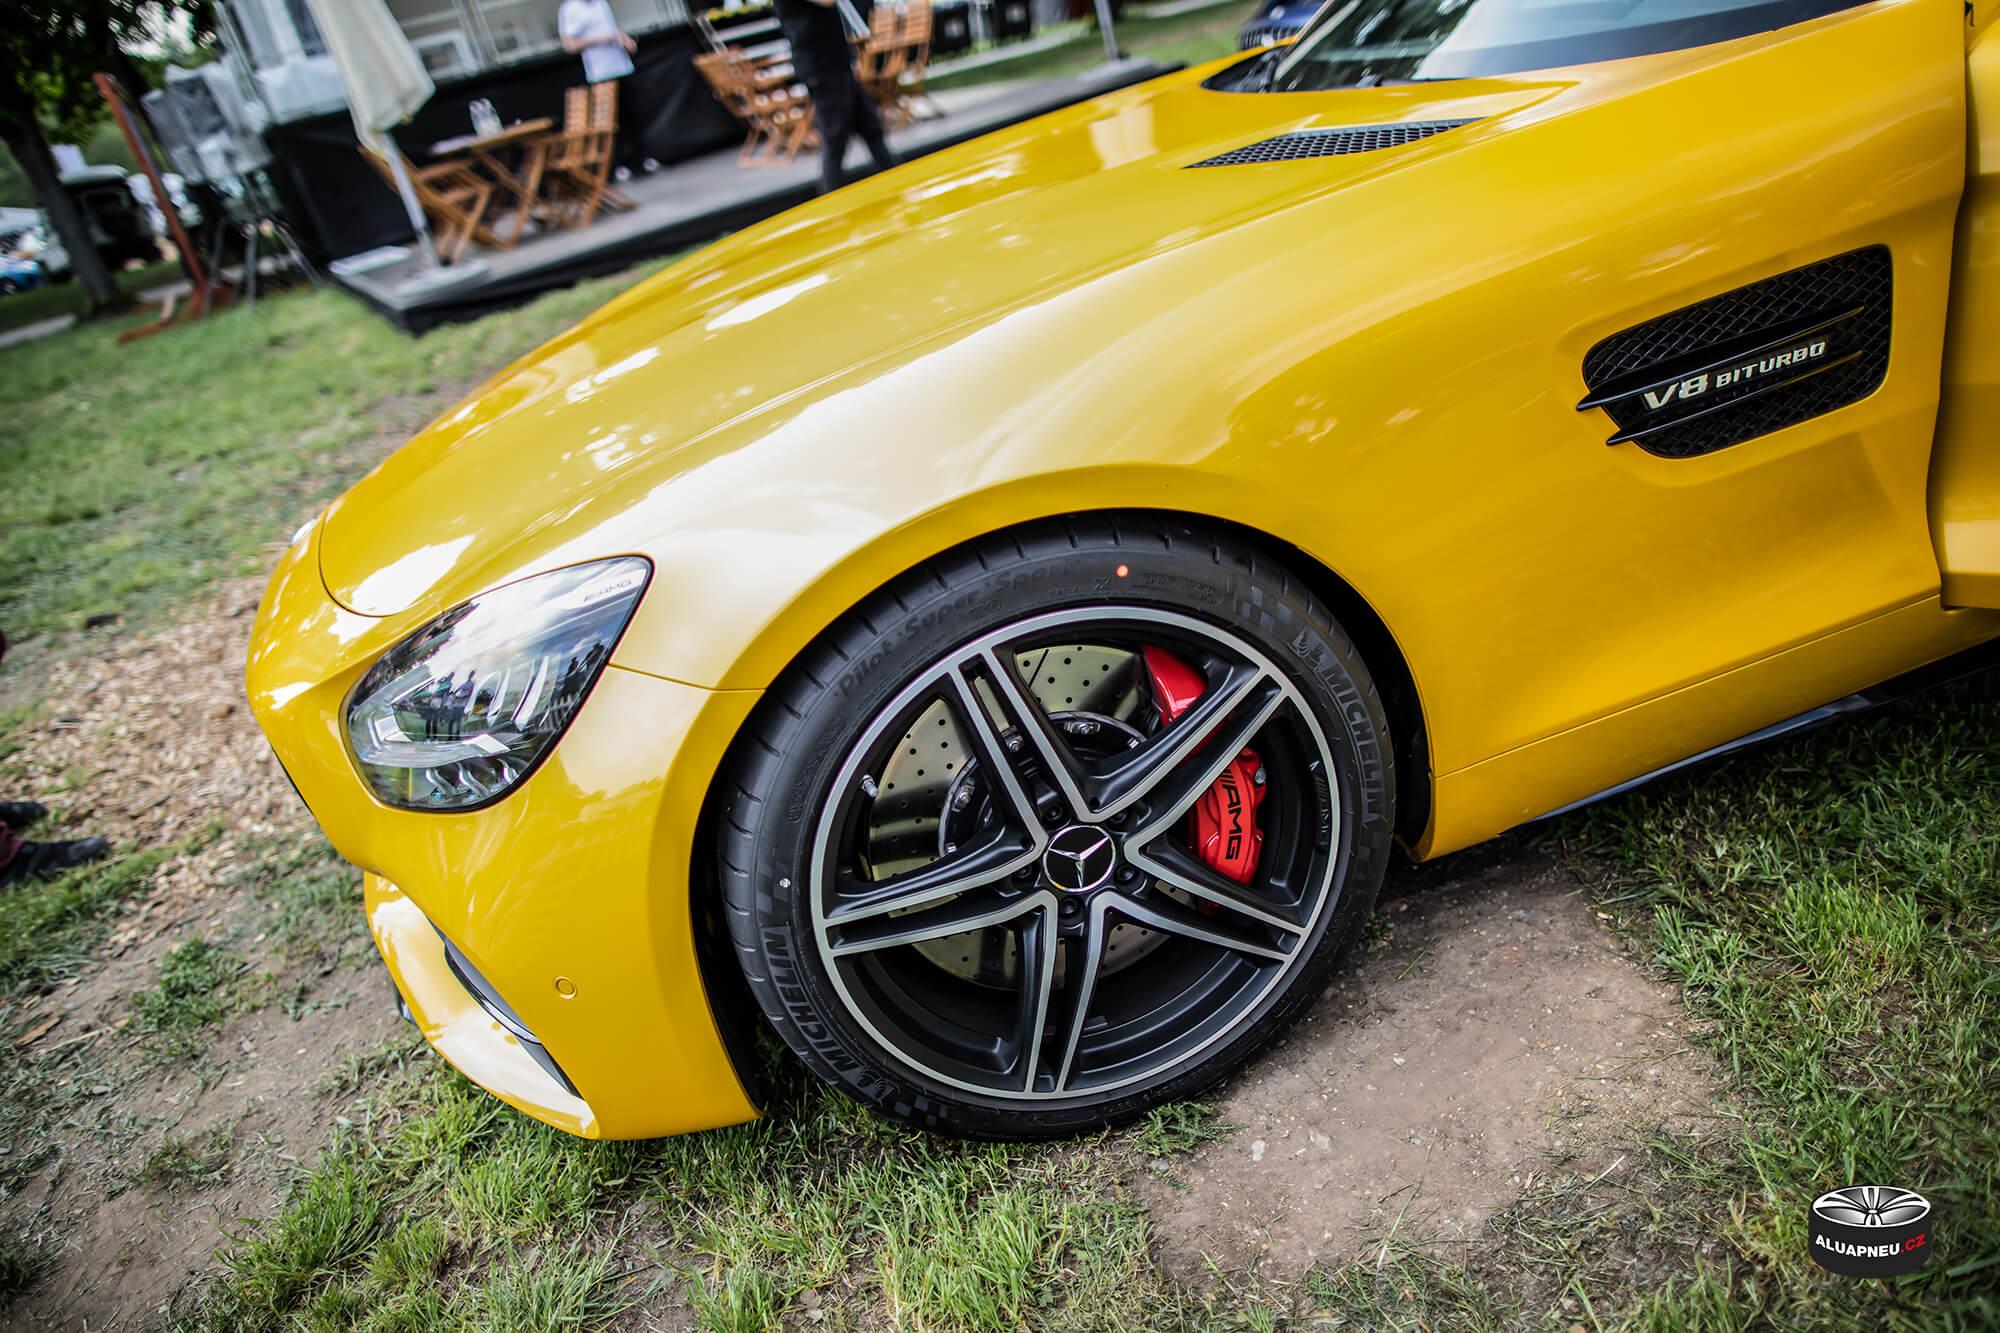 Leštěné elektrony Mercedes Amg Gt - Automobilové Legendy 2019 - www.aluapneu.cz